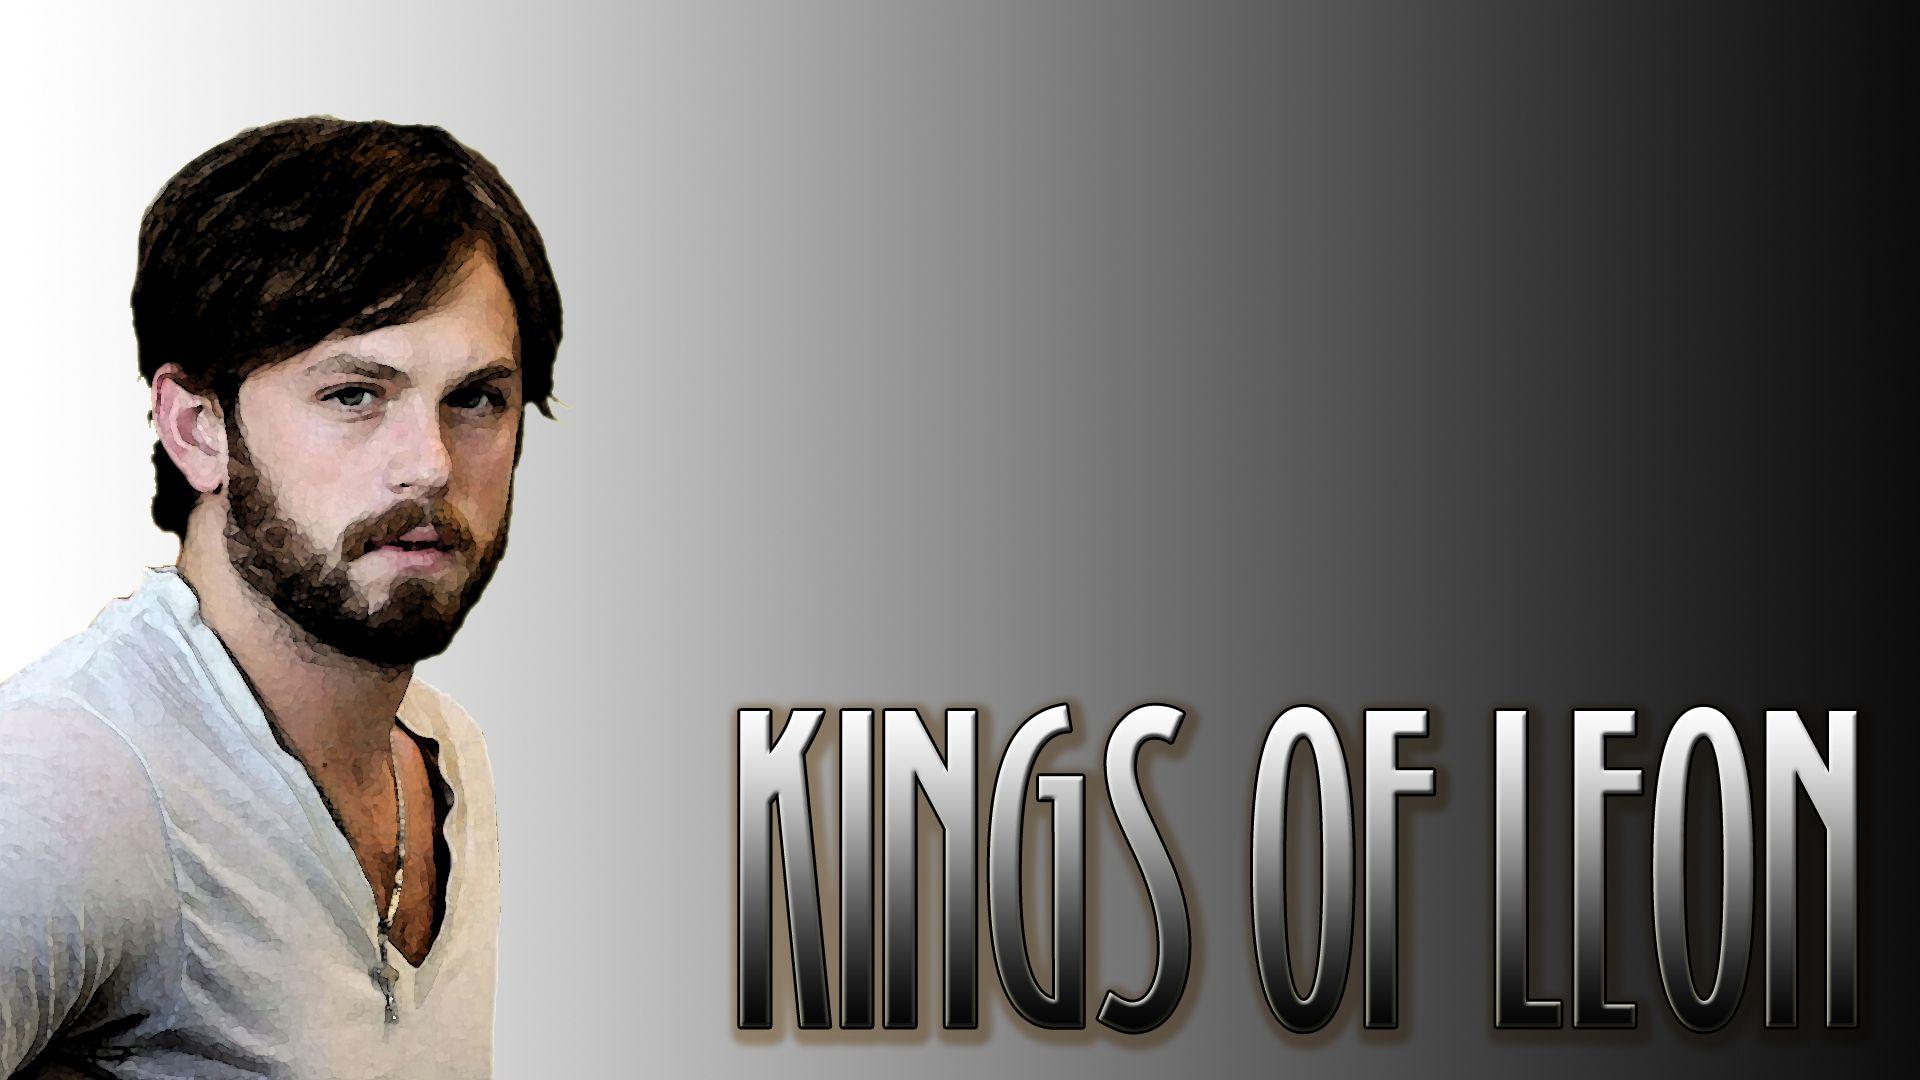 kings of leon Wallpaper HD Wallpaper